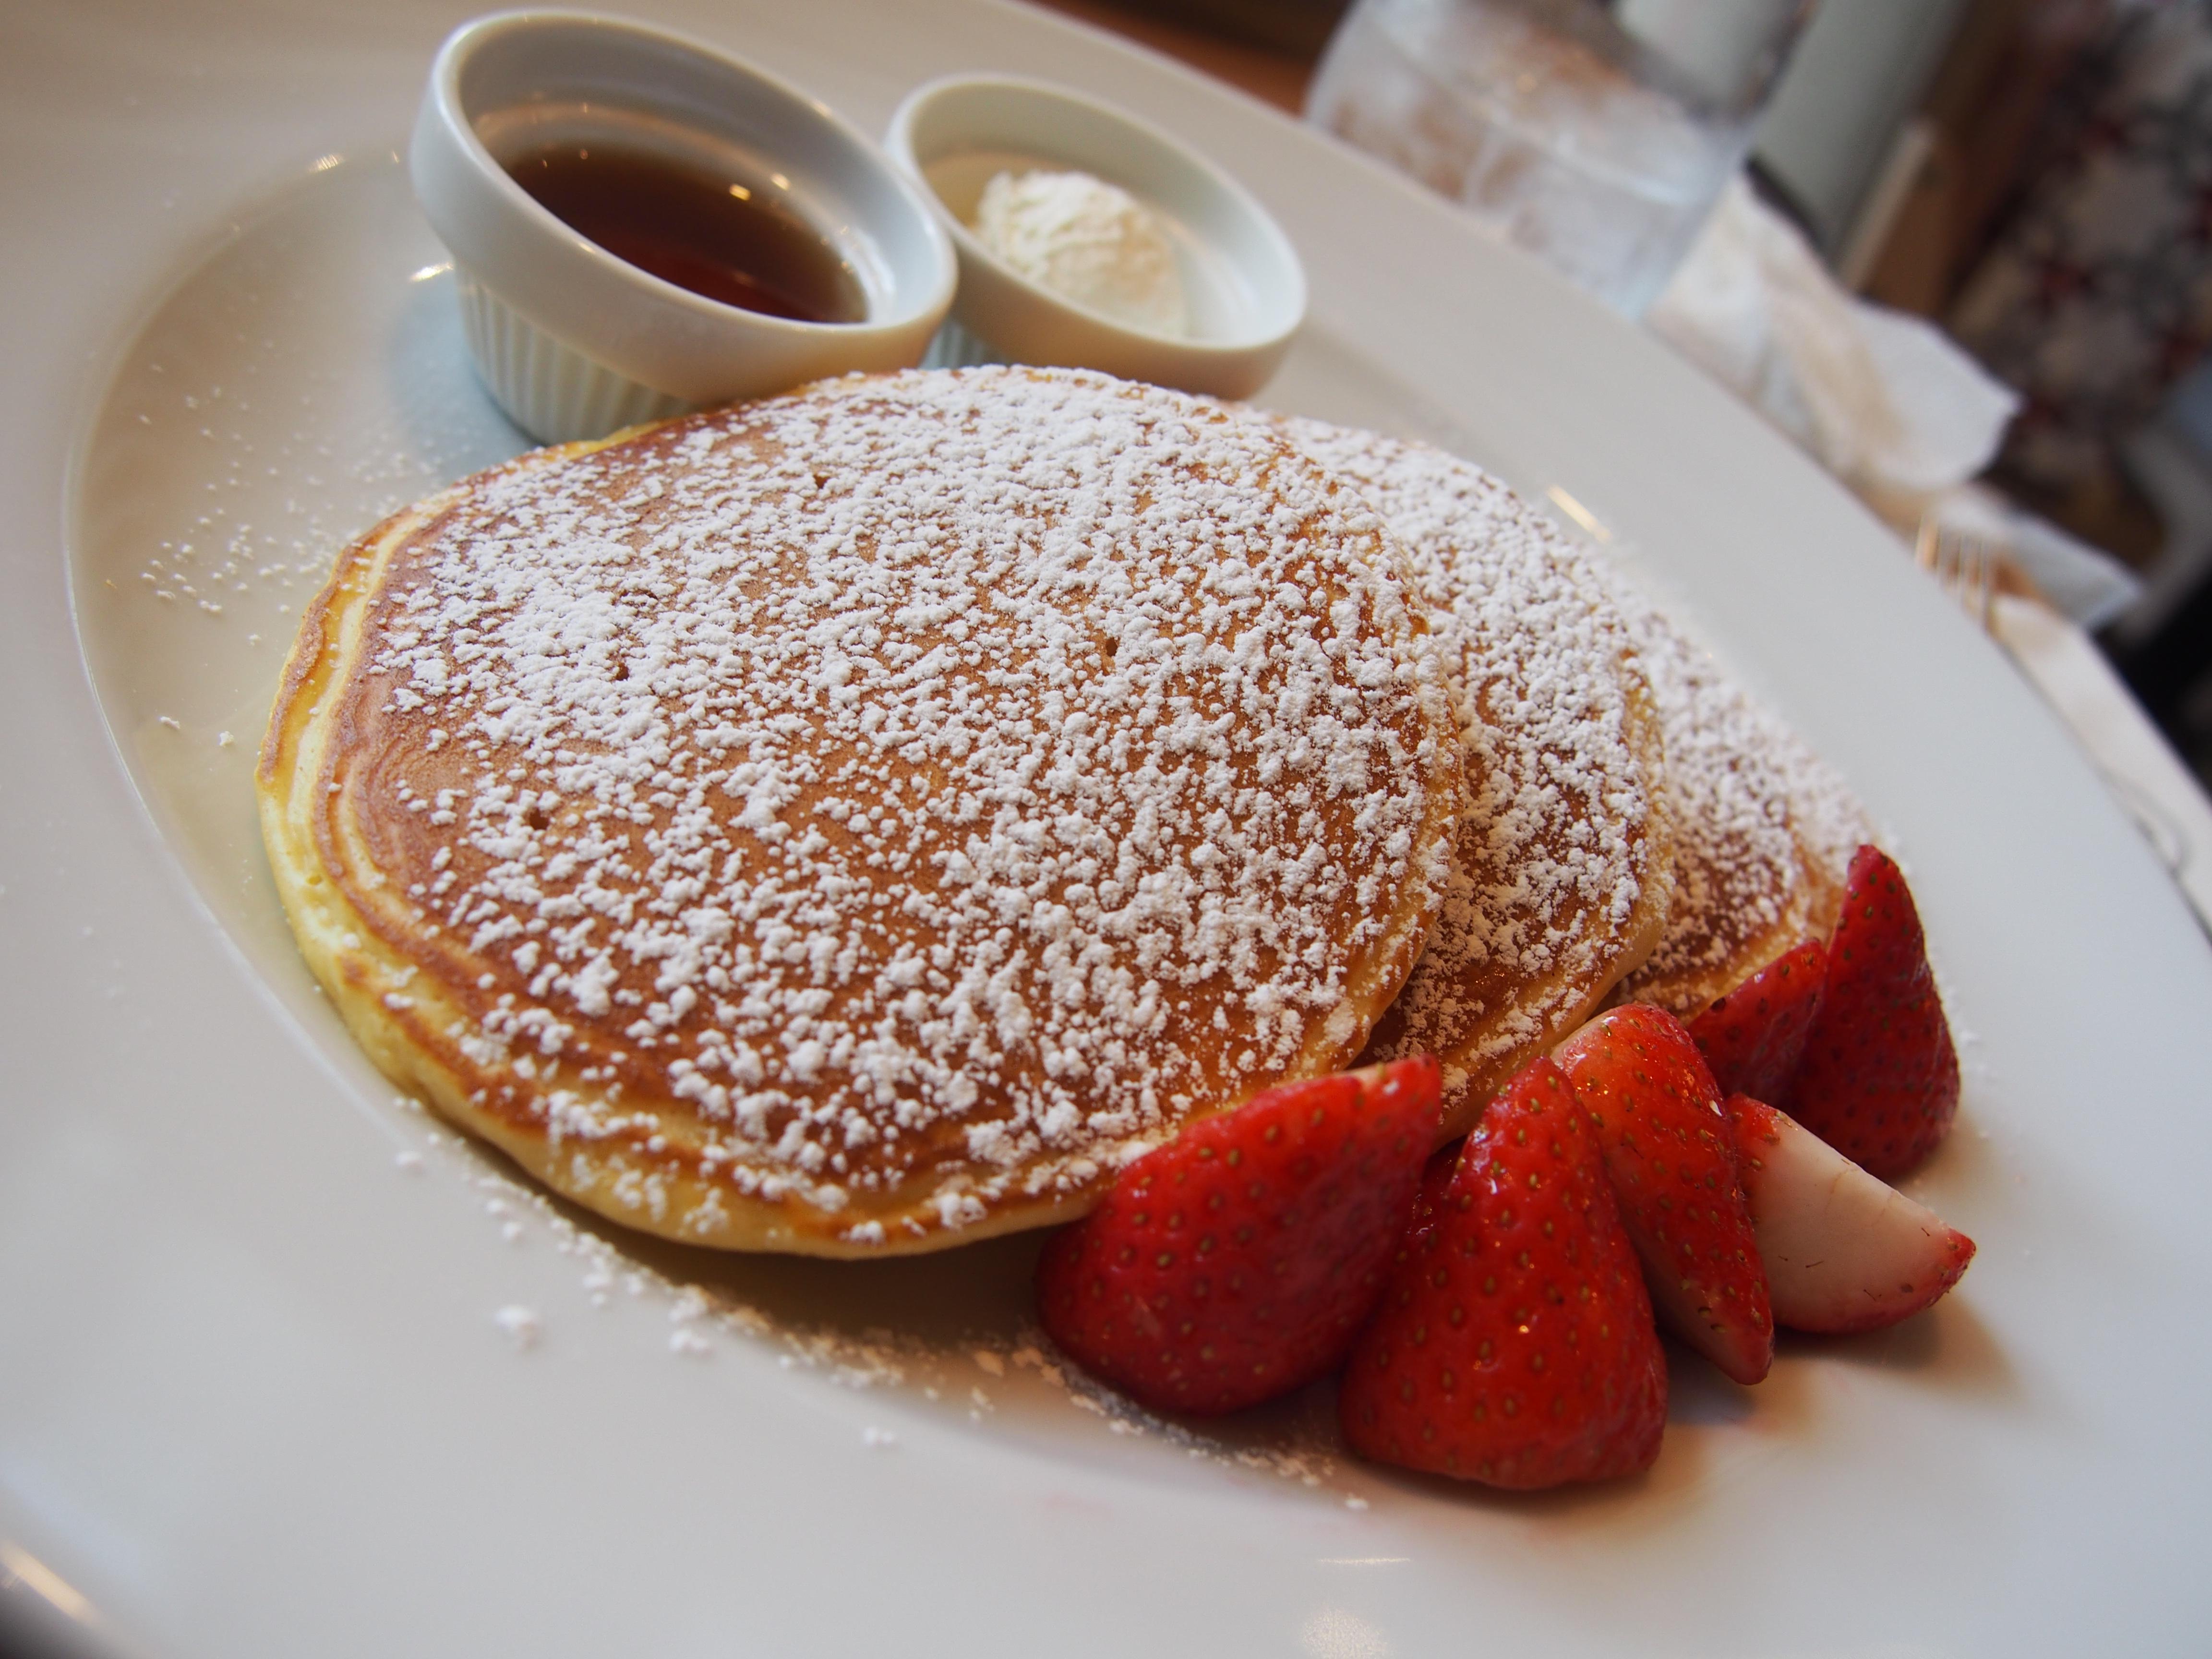 NYの朝食の女王!絶大な人気を誇る『サラベス』名古屋店に行ってきた - P5171949